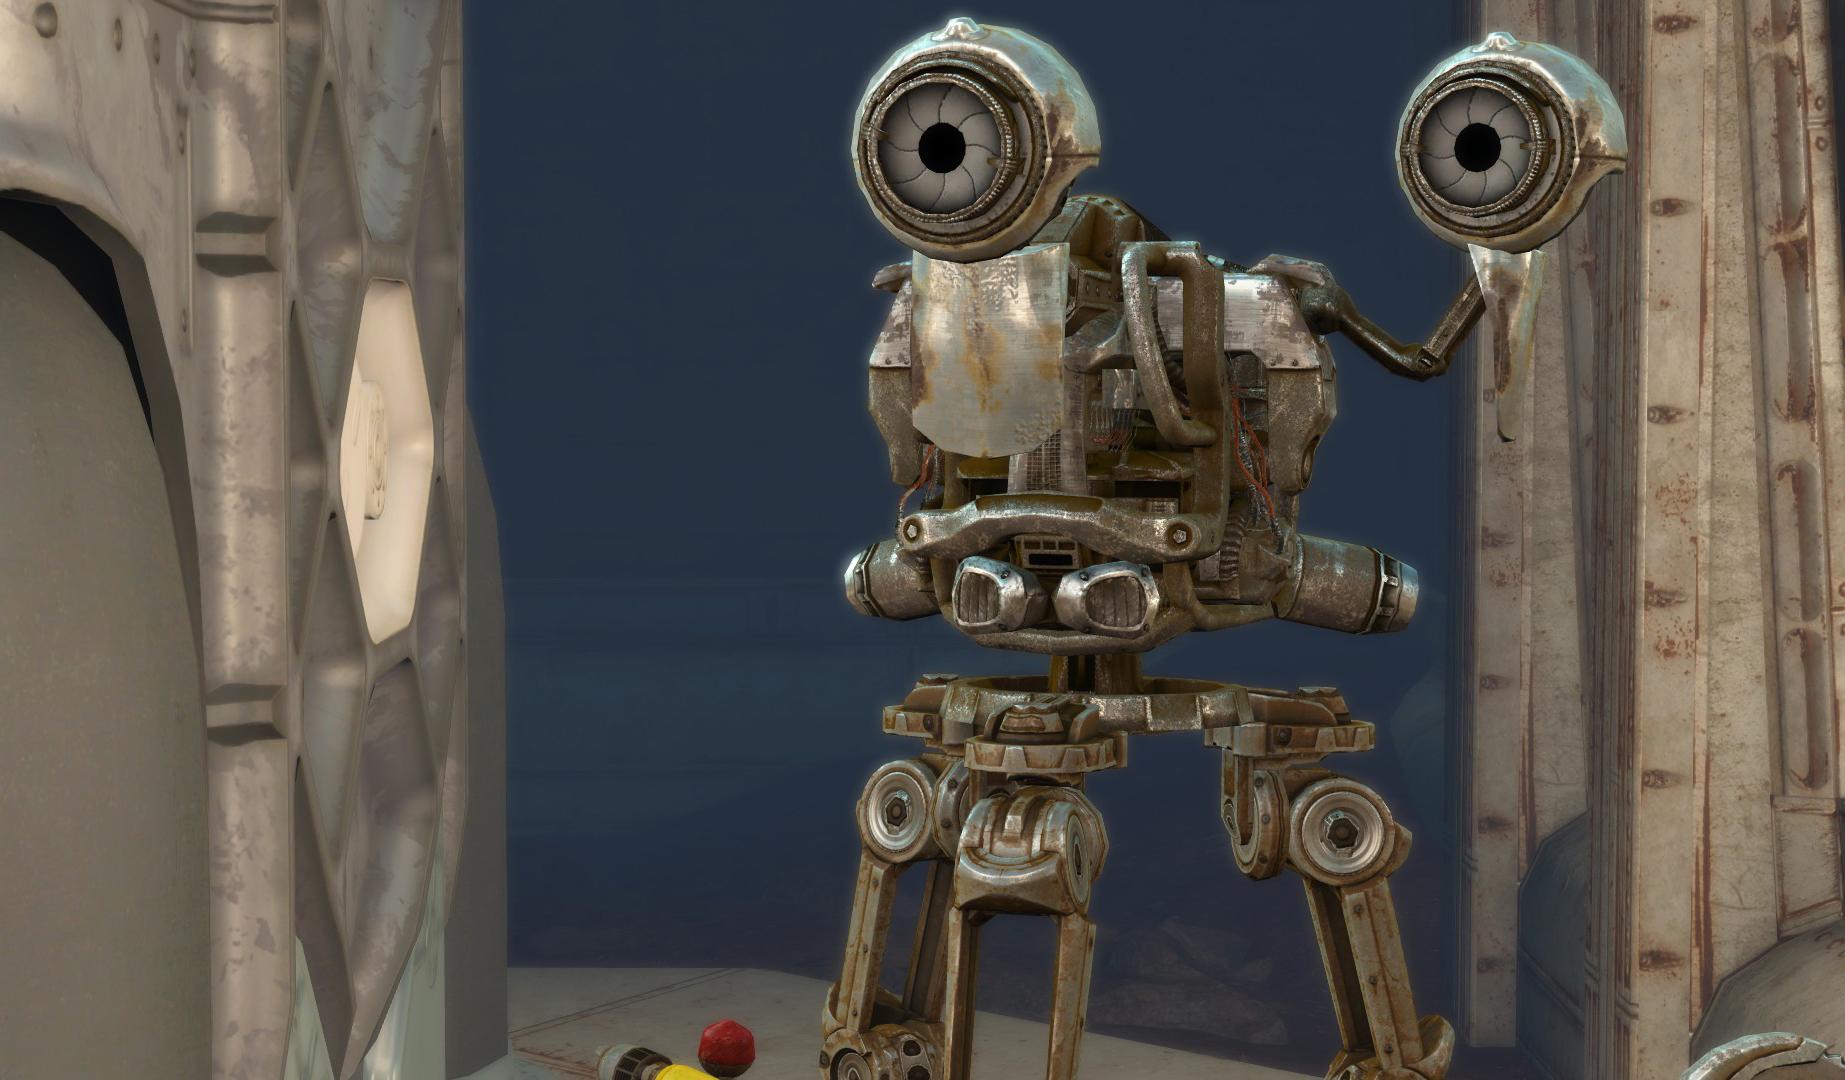 Fallout 4 mirelurk assault - 1 part 2